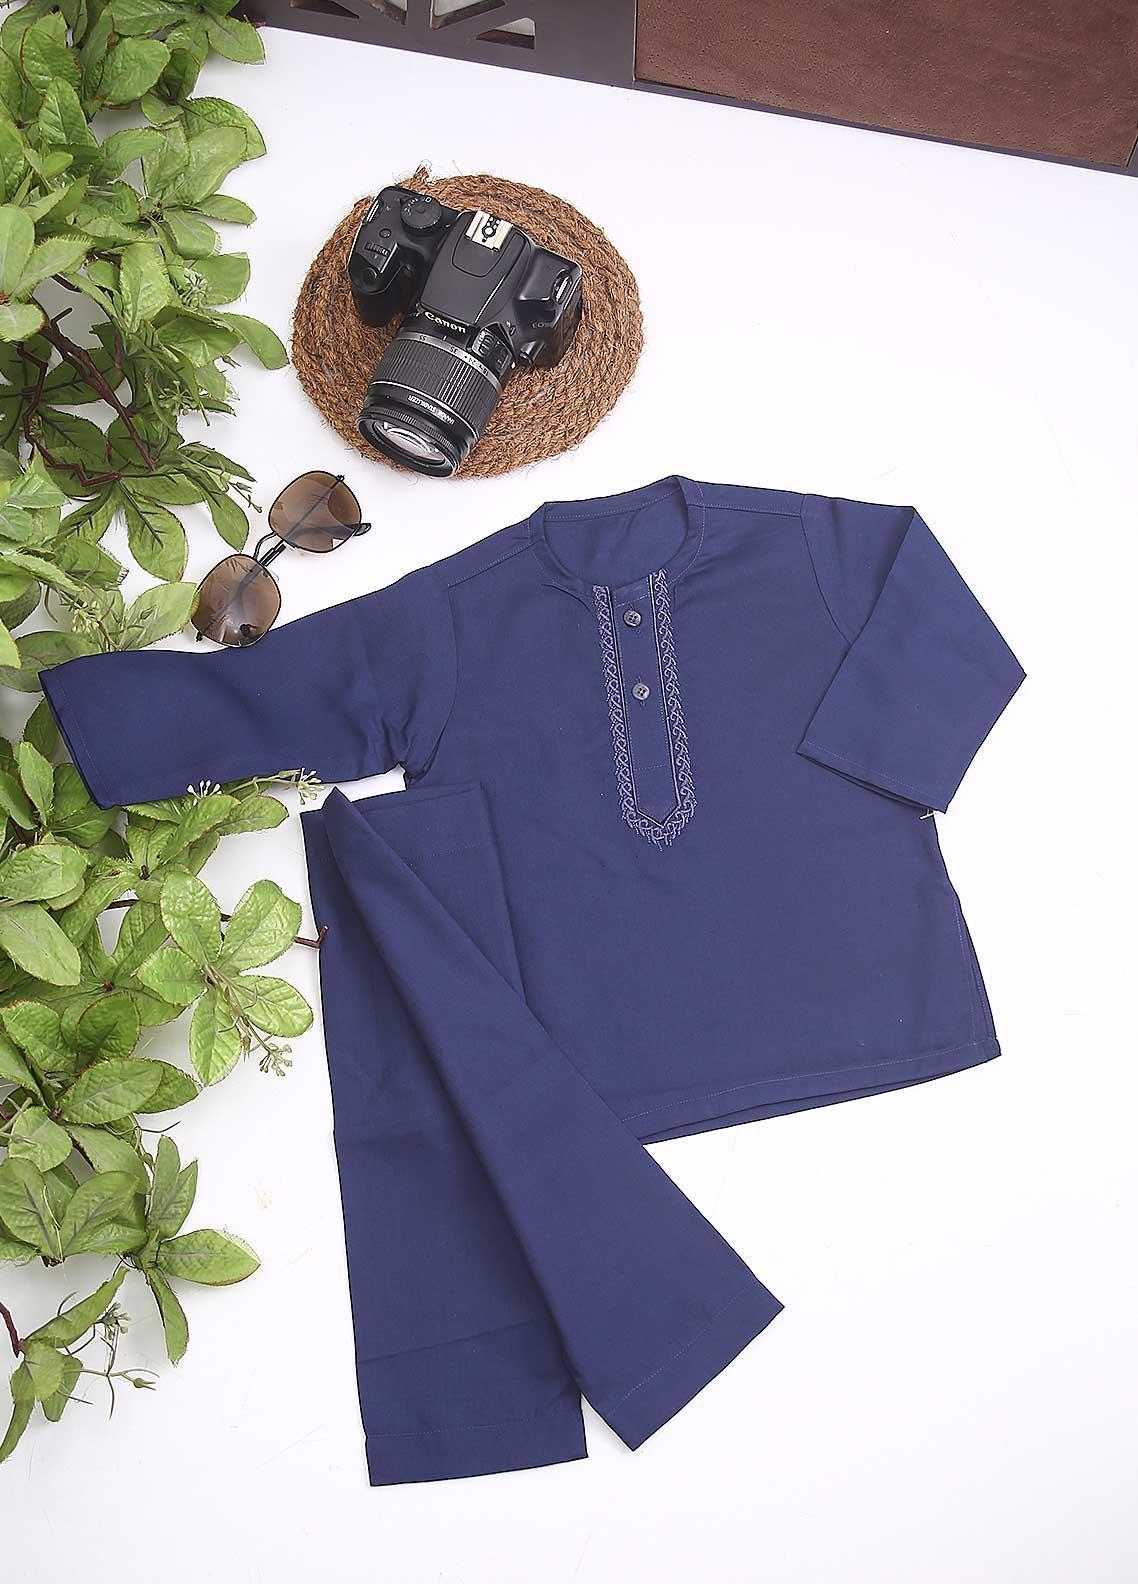 Sanaulla Exclusive Range Cotton Formal Kids Kurta Shalwar -  C-758 Blue